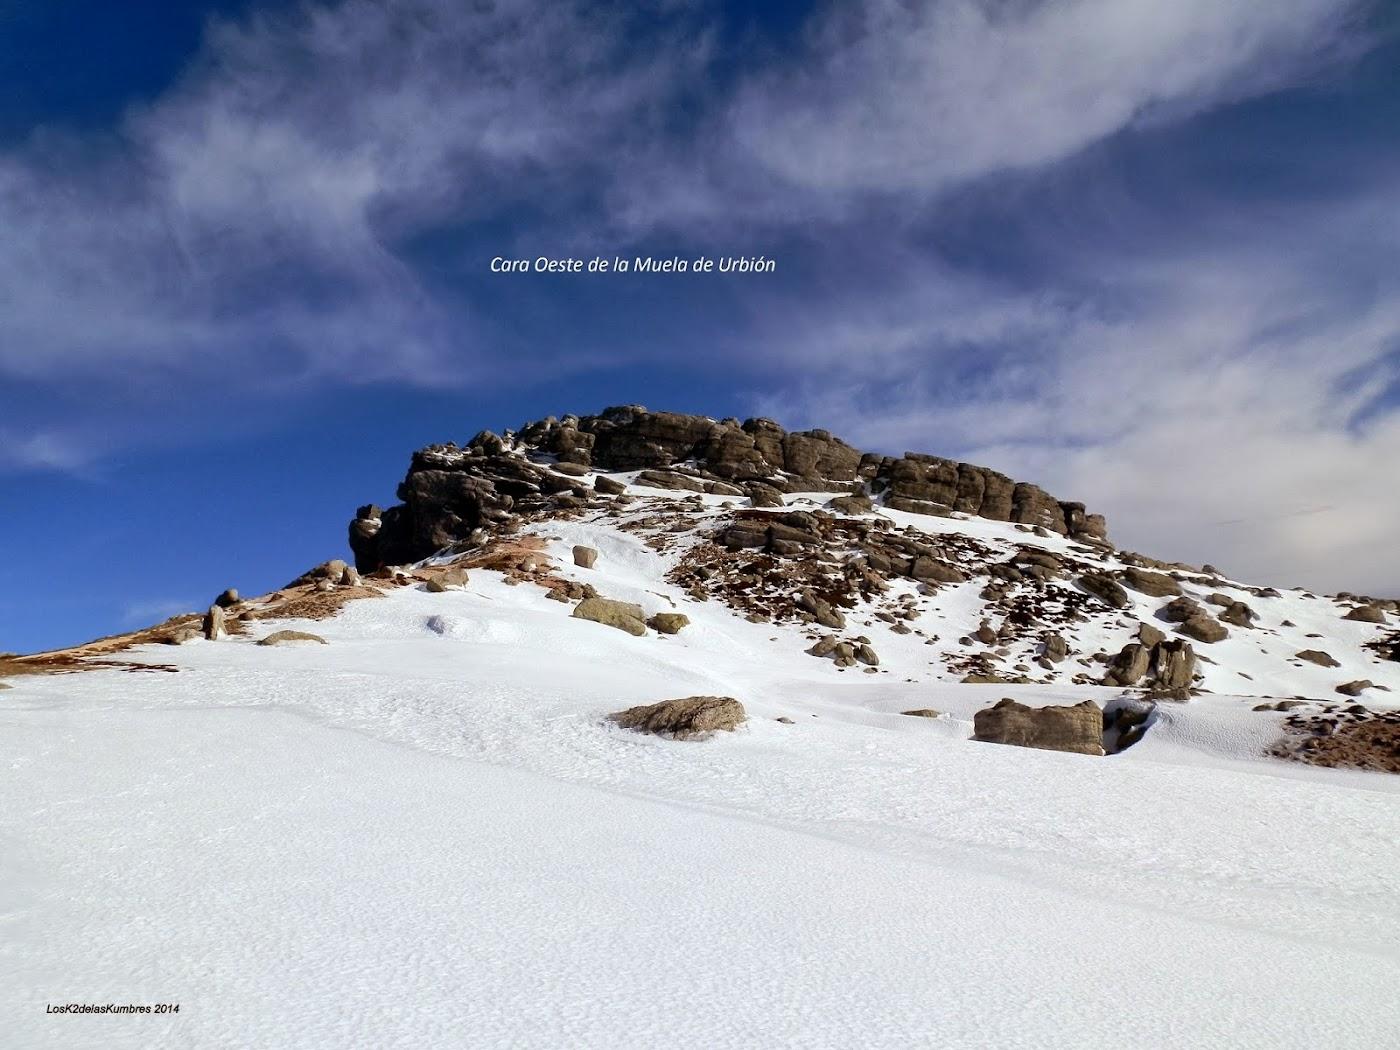 Pico Urbión